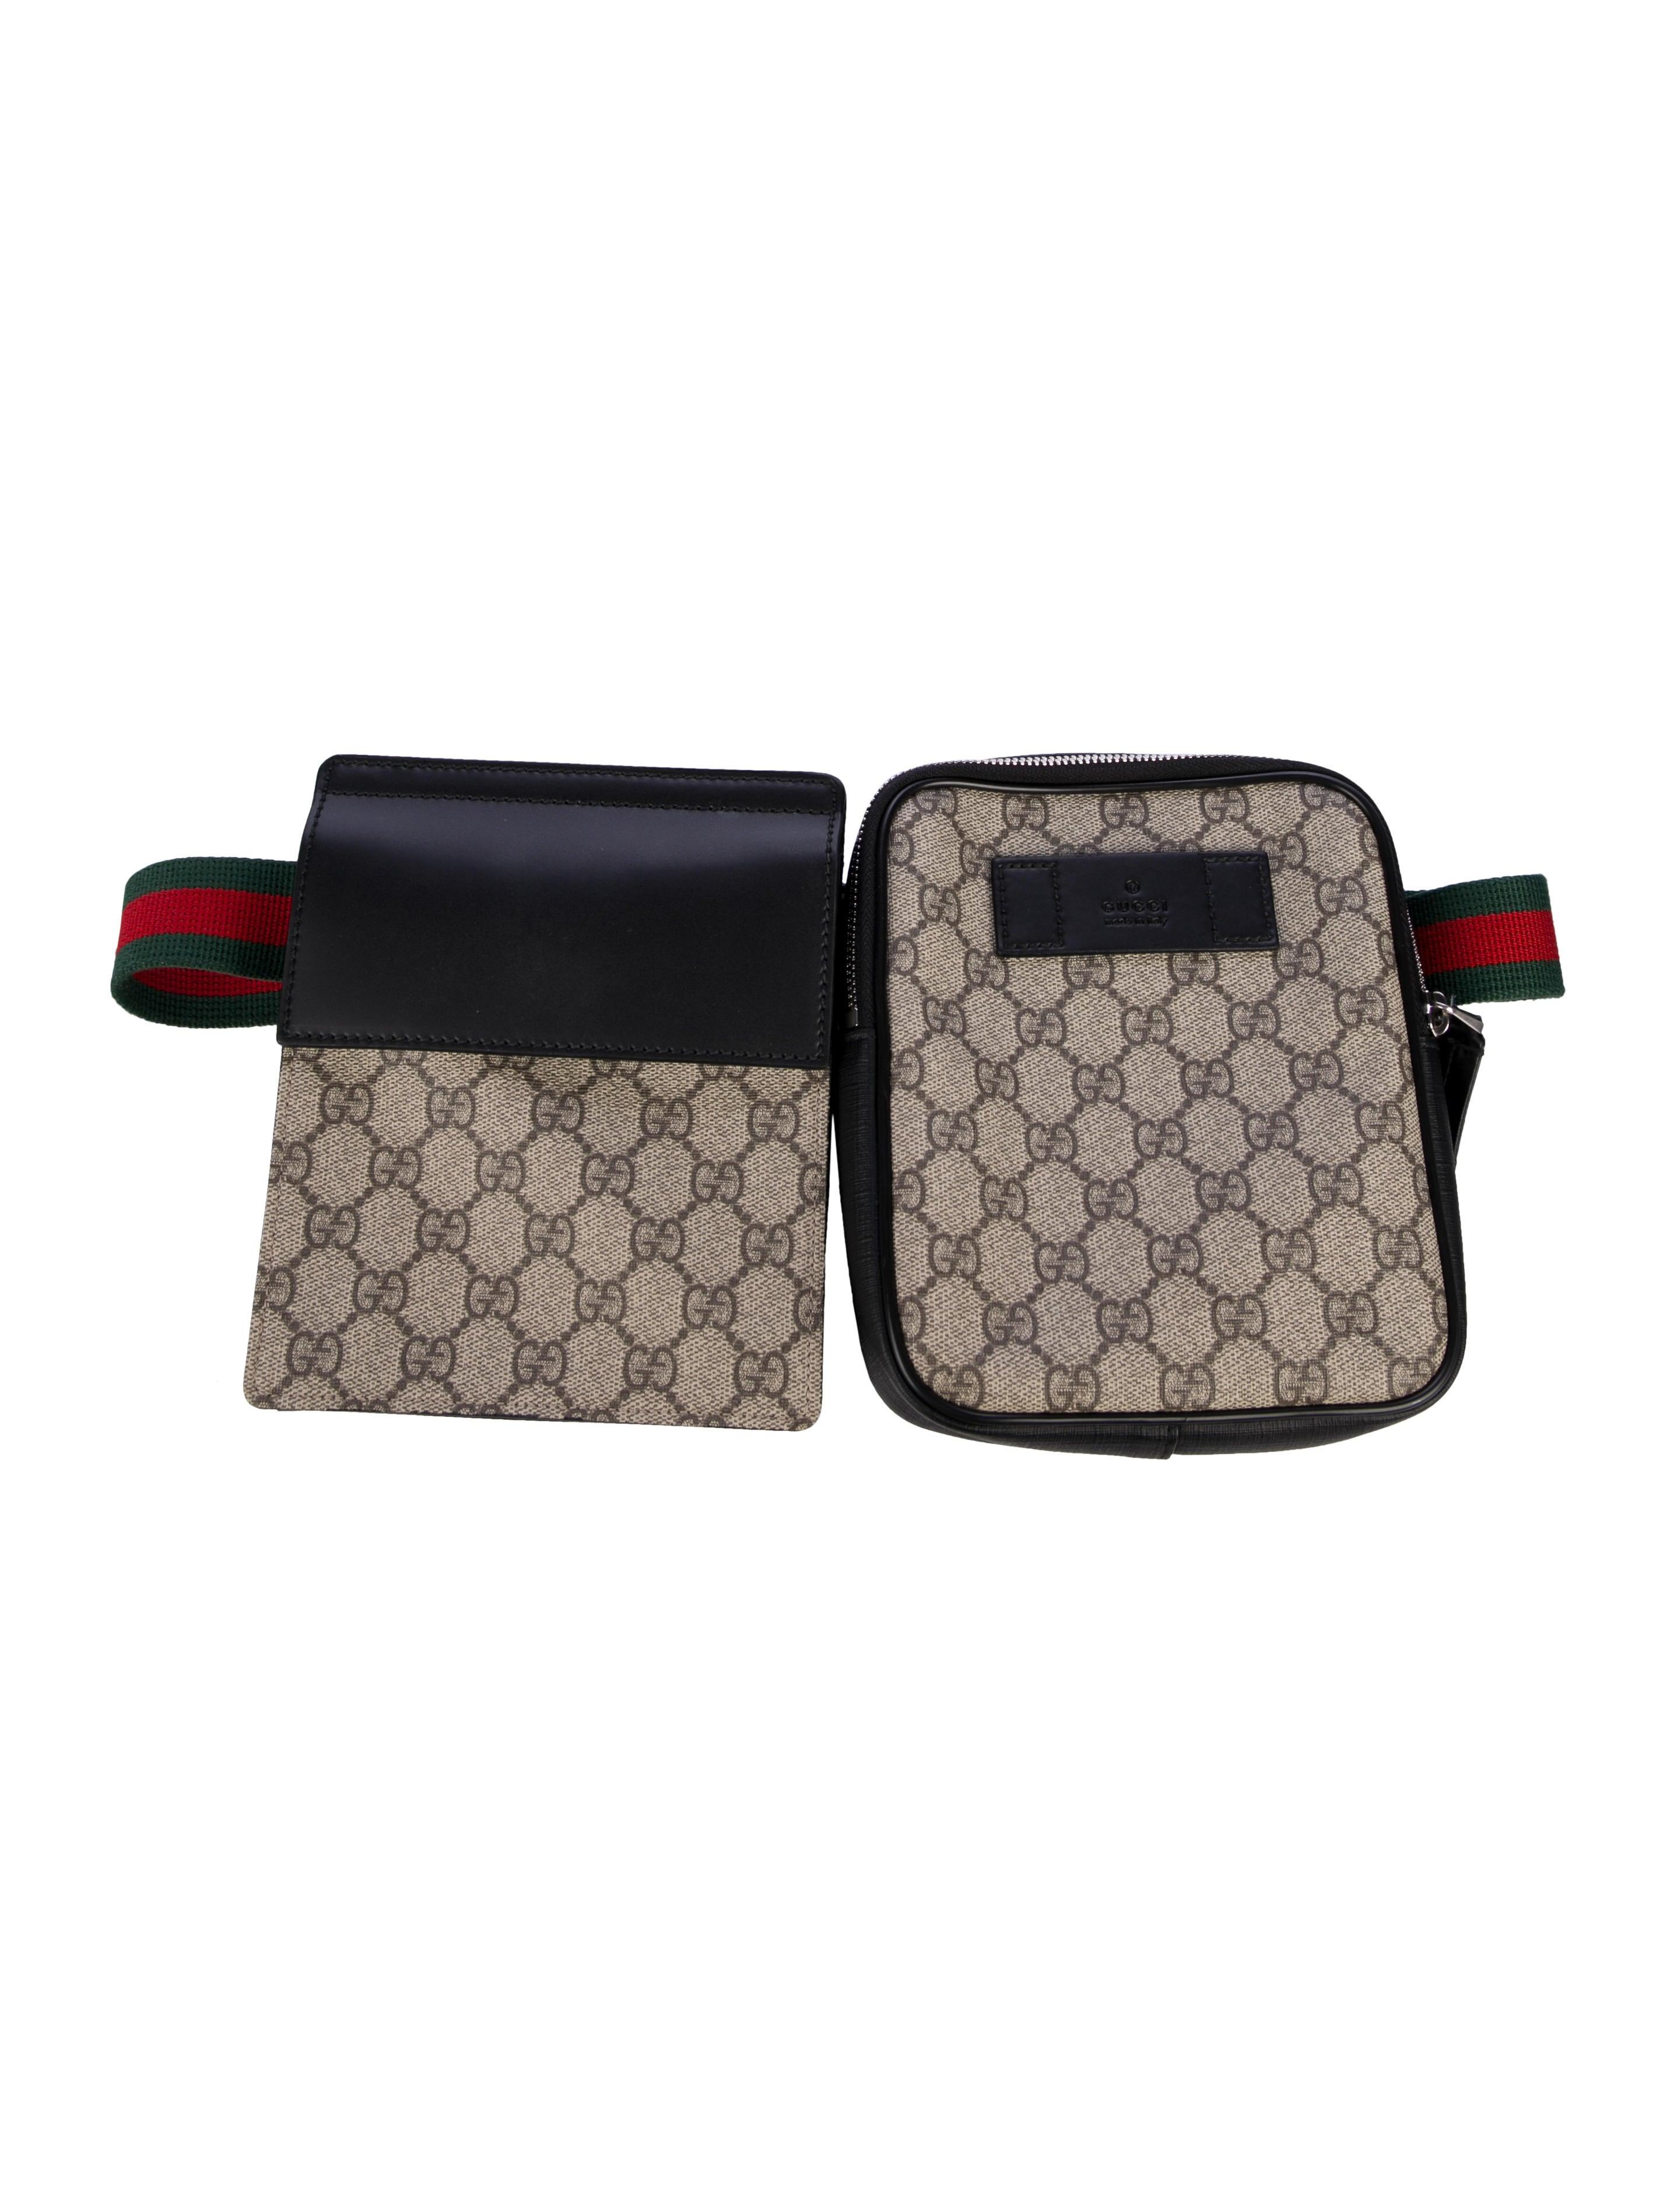 b87dc0002 Gucci GG Supreme Belt Bag - Bags - GUC312444 | The RealReal